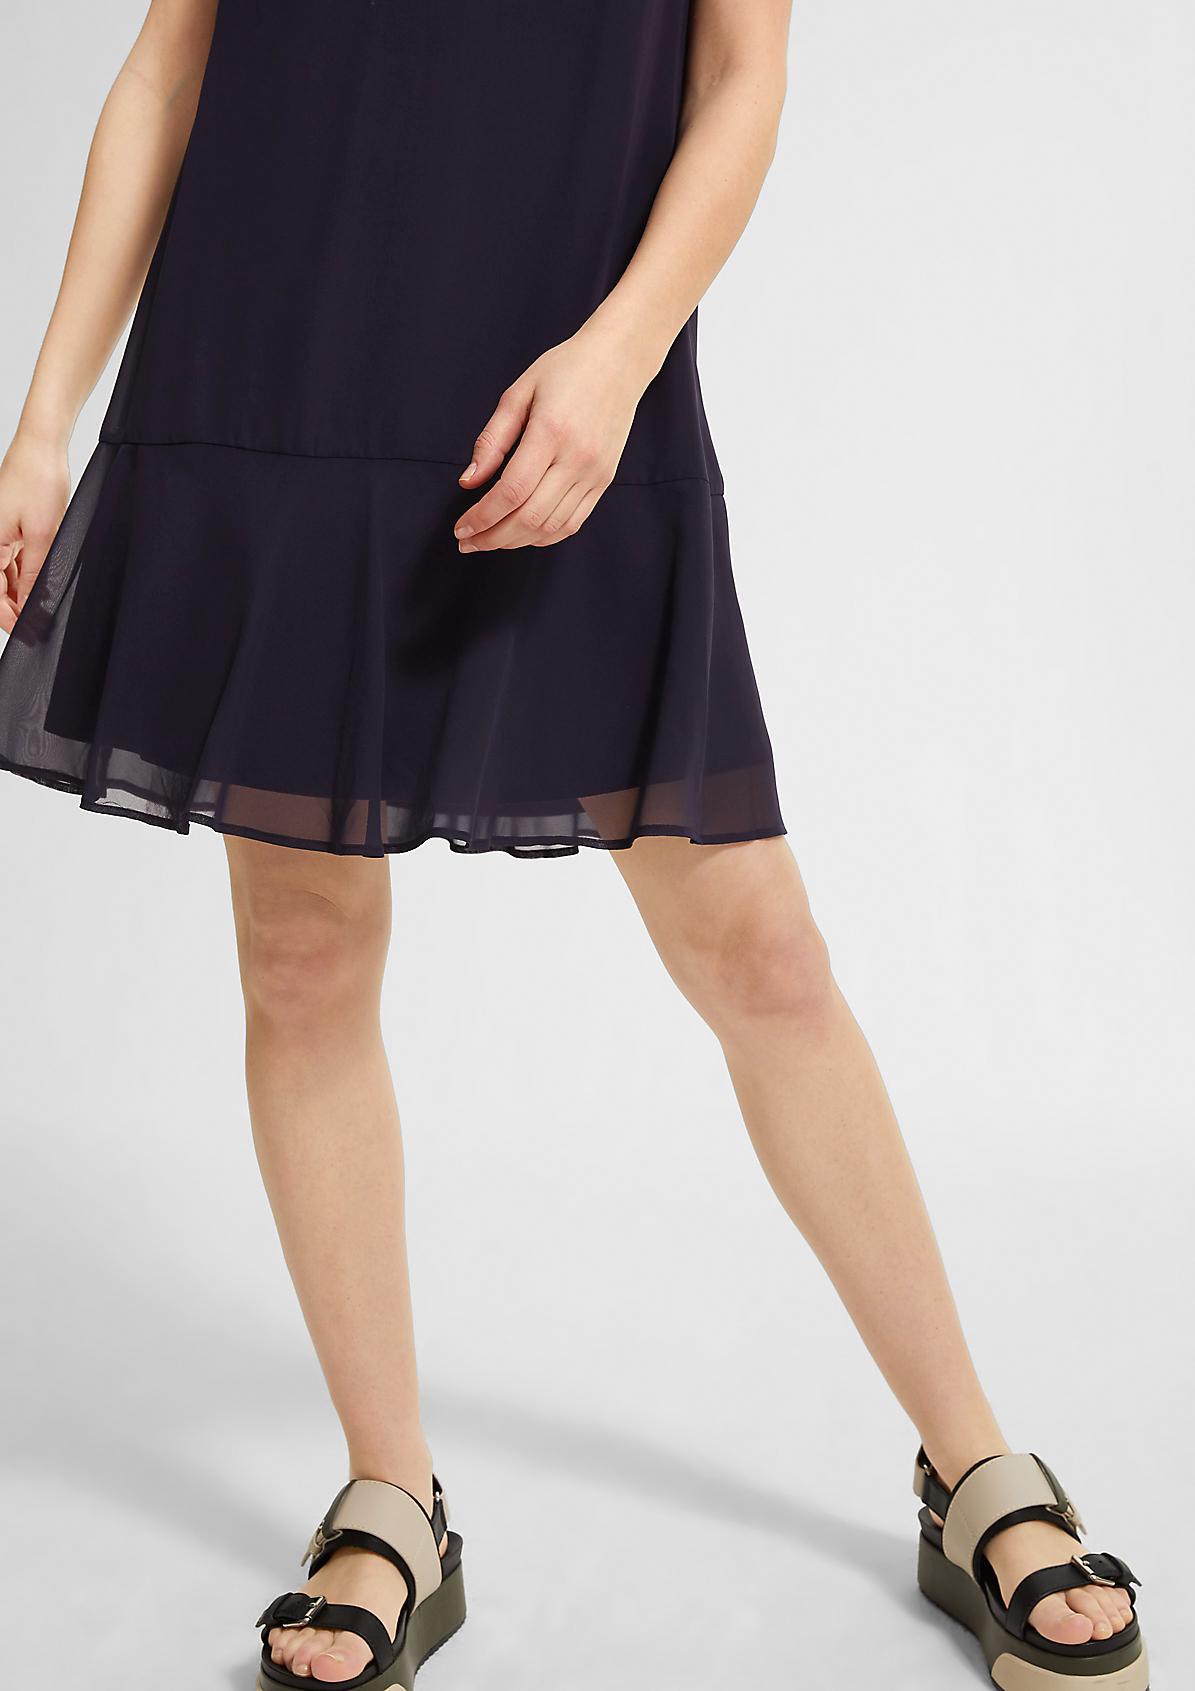 Bedrucktes Kleid aus Chiffon